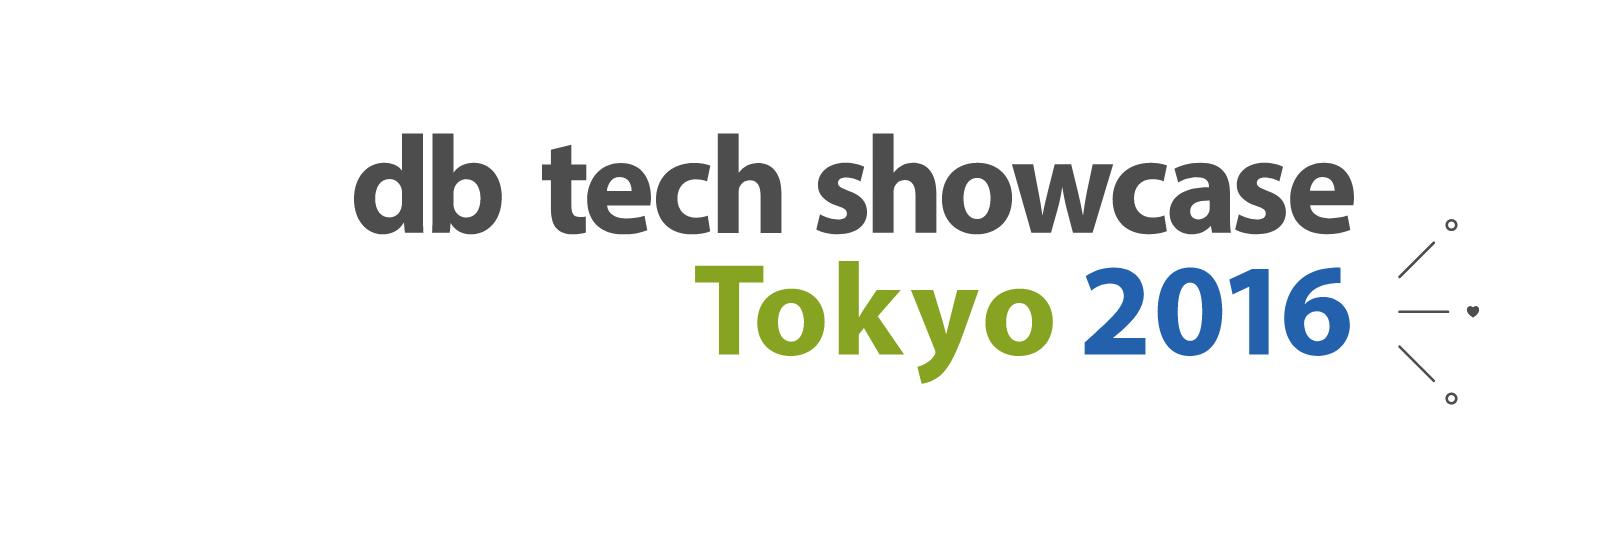 db tech showcase Tokyo 2016